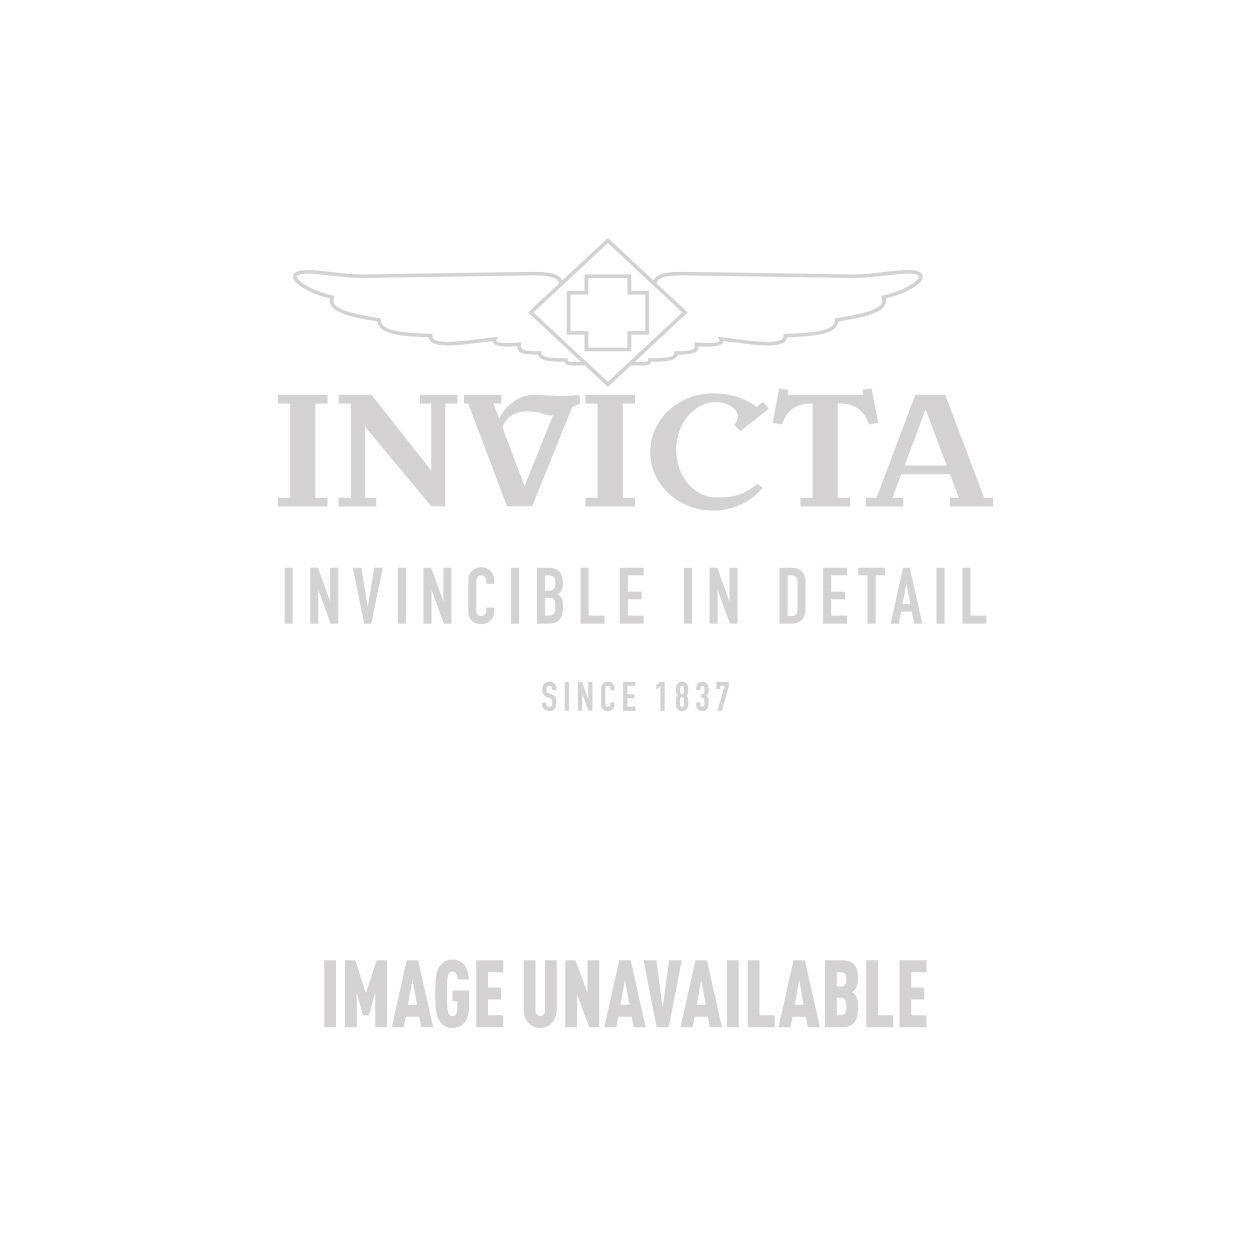 Invicta Model 25399